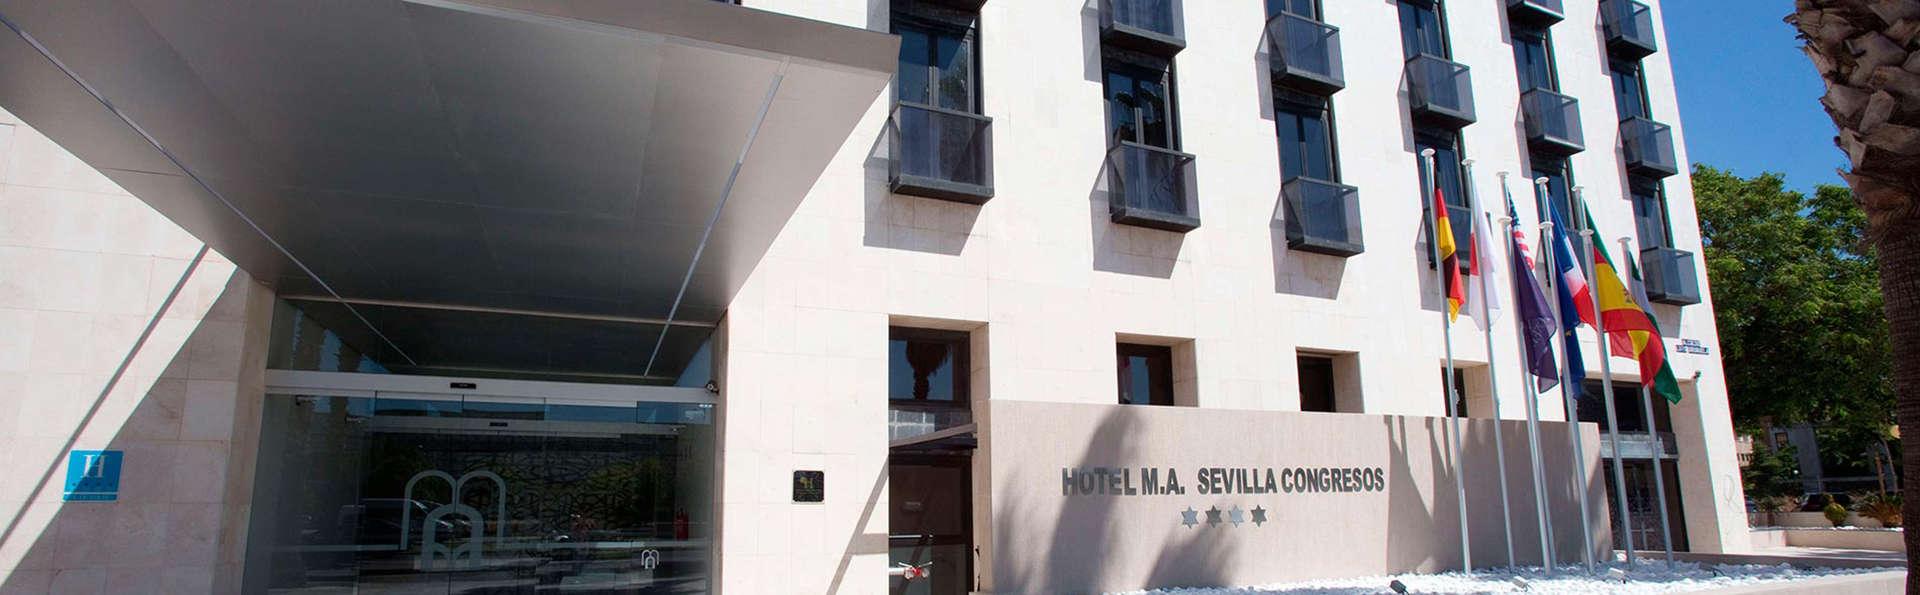 Hotel M.A. Sevilla Congresos - EDIT_front44.jpg